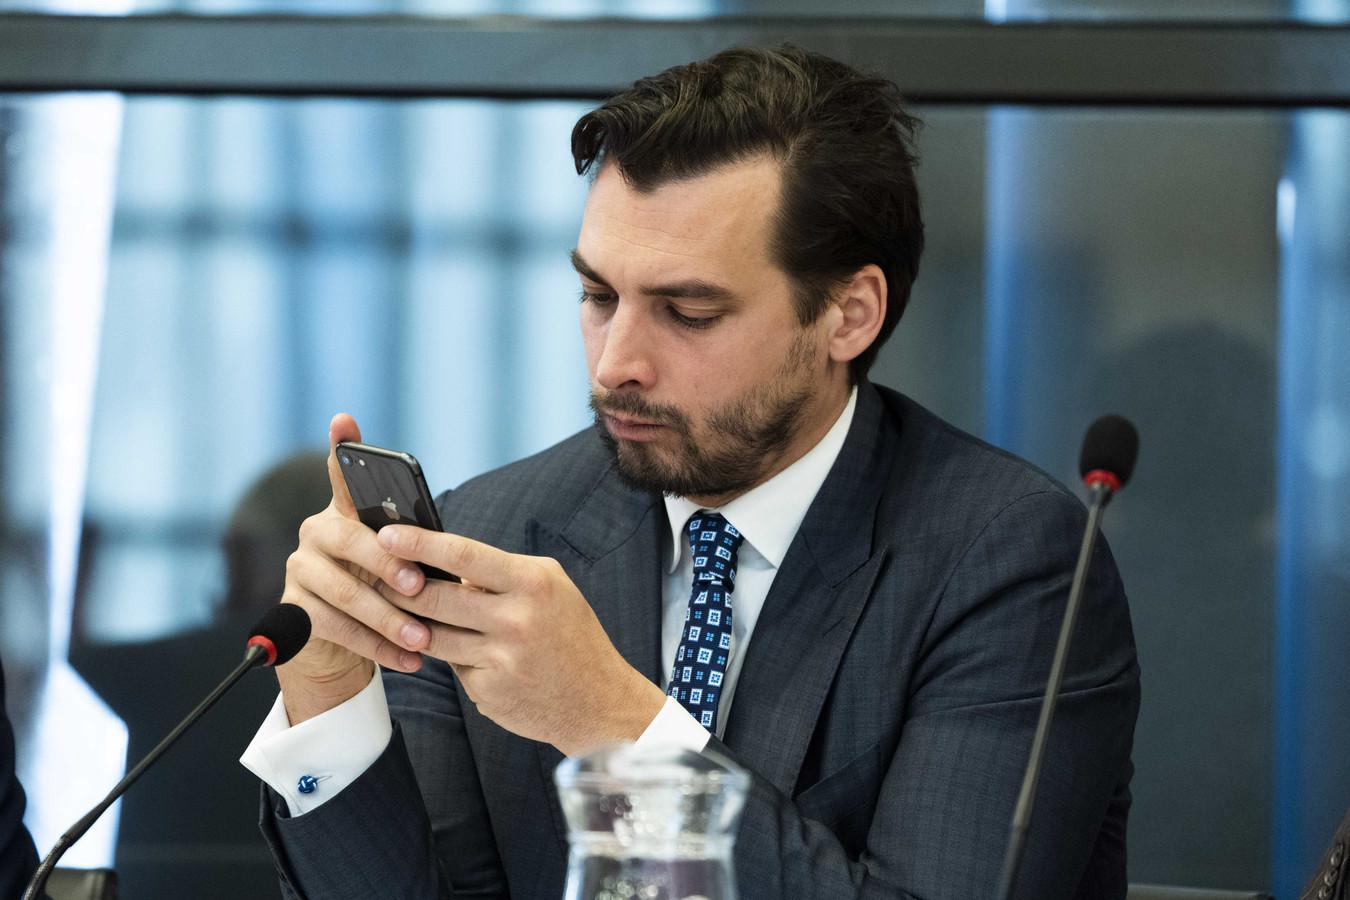 Thierry Baudet in de Tweede Kamer.  Zijn partij Forum voor Democratie heeft sinds de uitbraak van de coronacrisis duizenden euro's uitgegeven aan online 'cononagerelateerde' online-berichten.